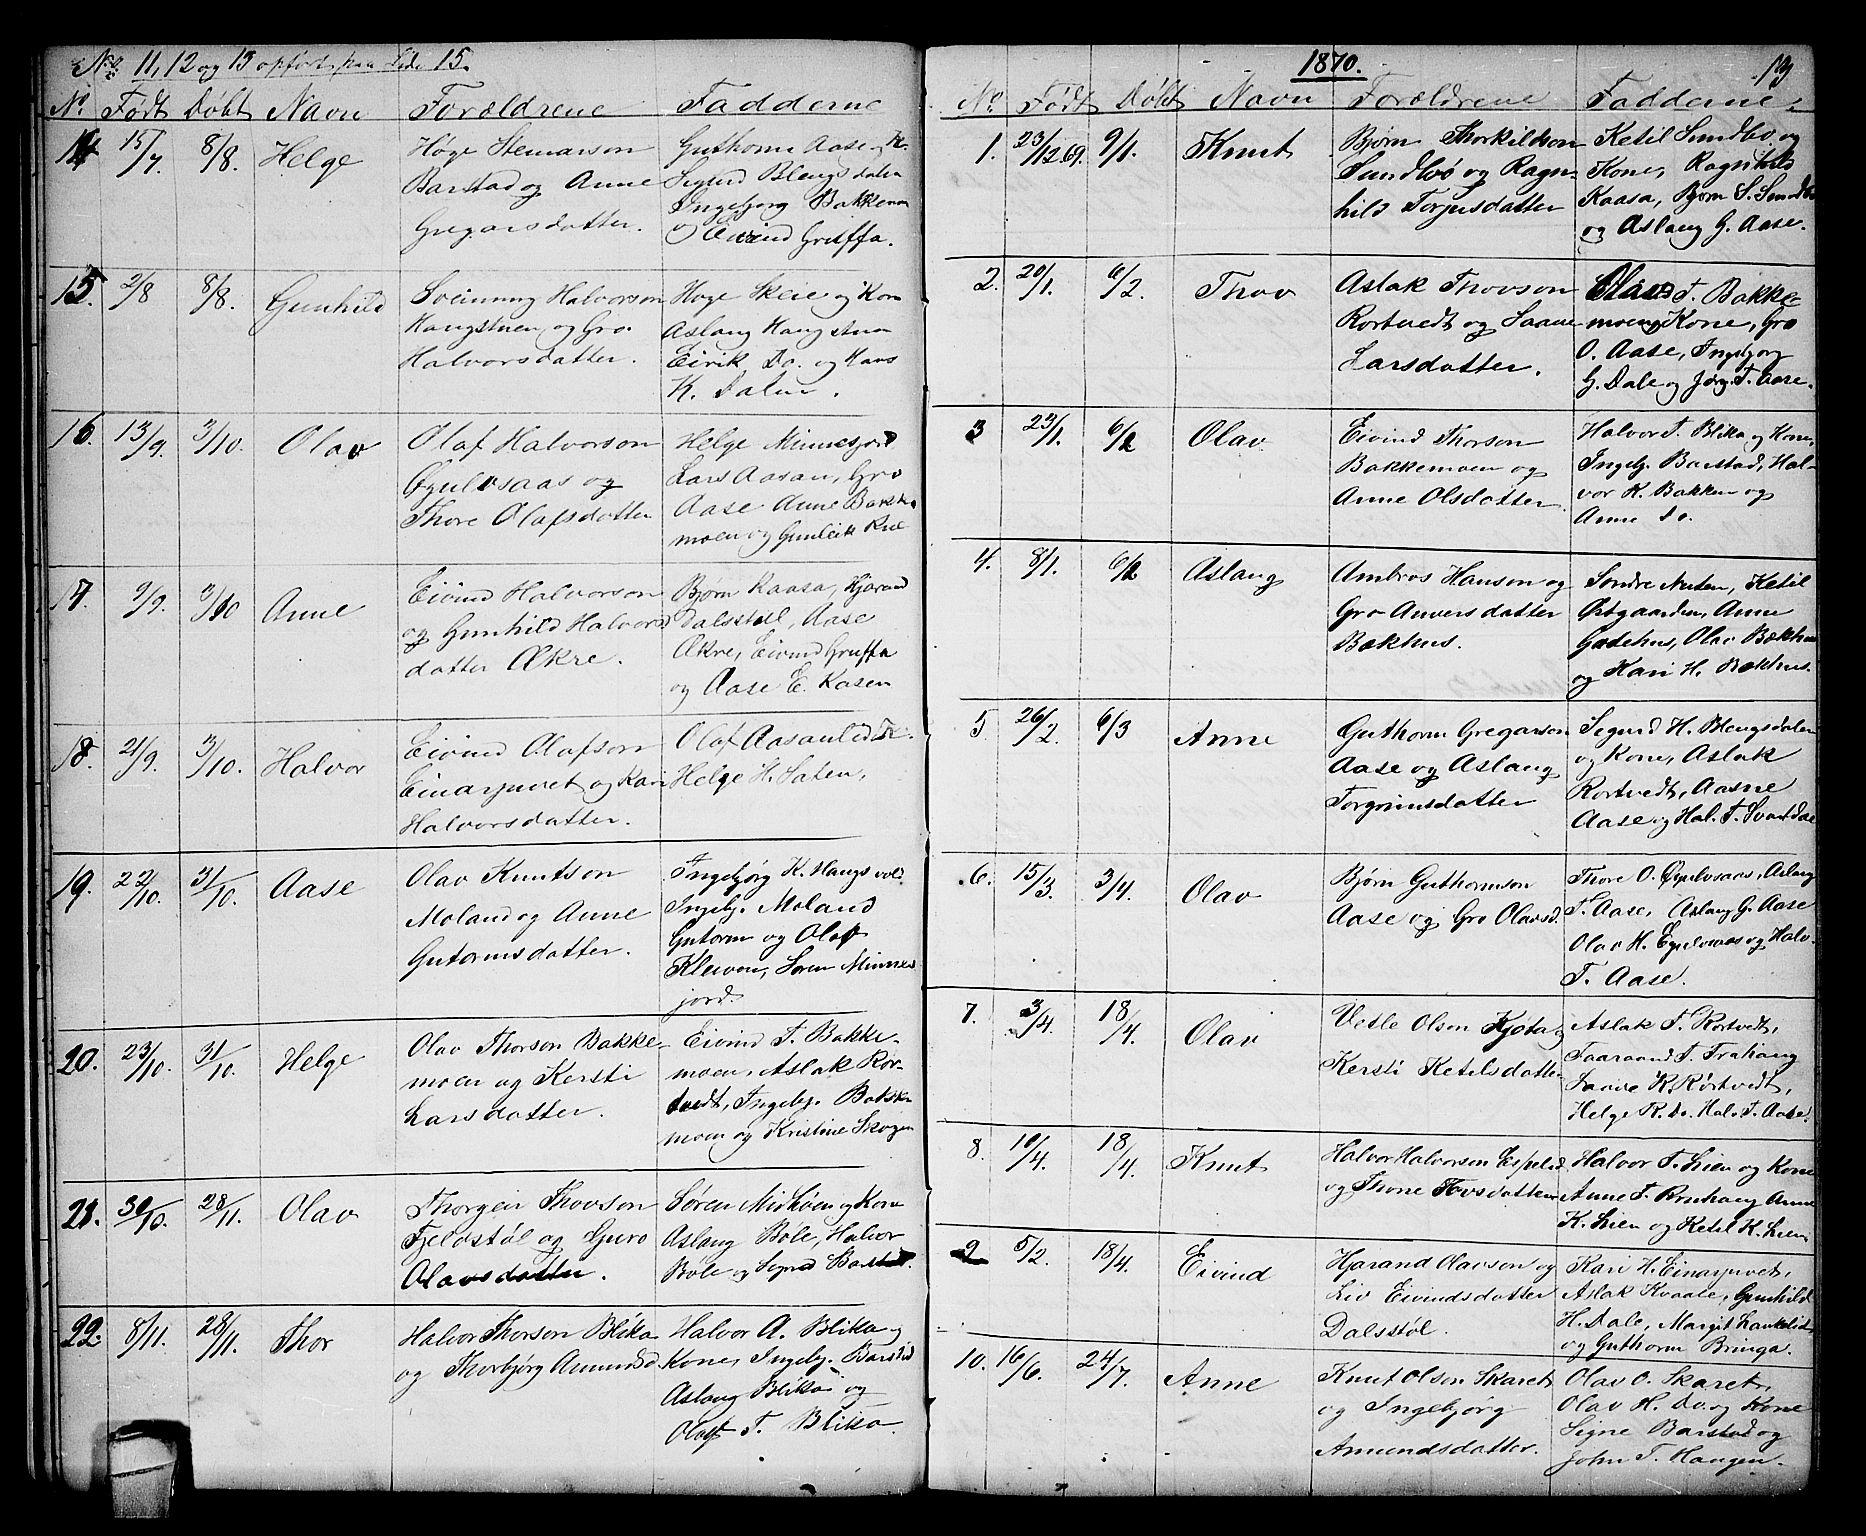 SAKO, Seljord kirkebøker, G/Gb/L0003: Klokkerbok nr. II 3, 1863-1884, s. 13